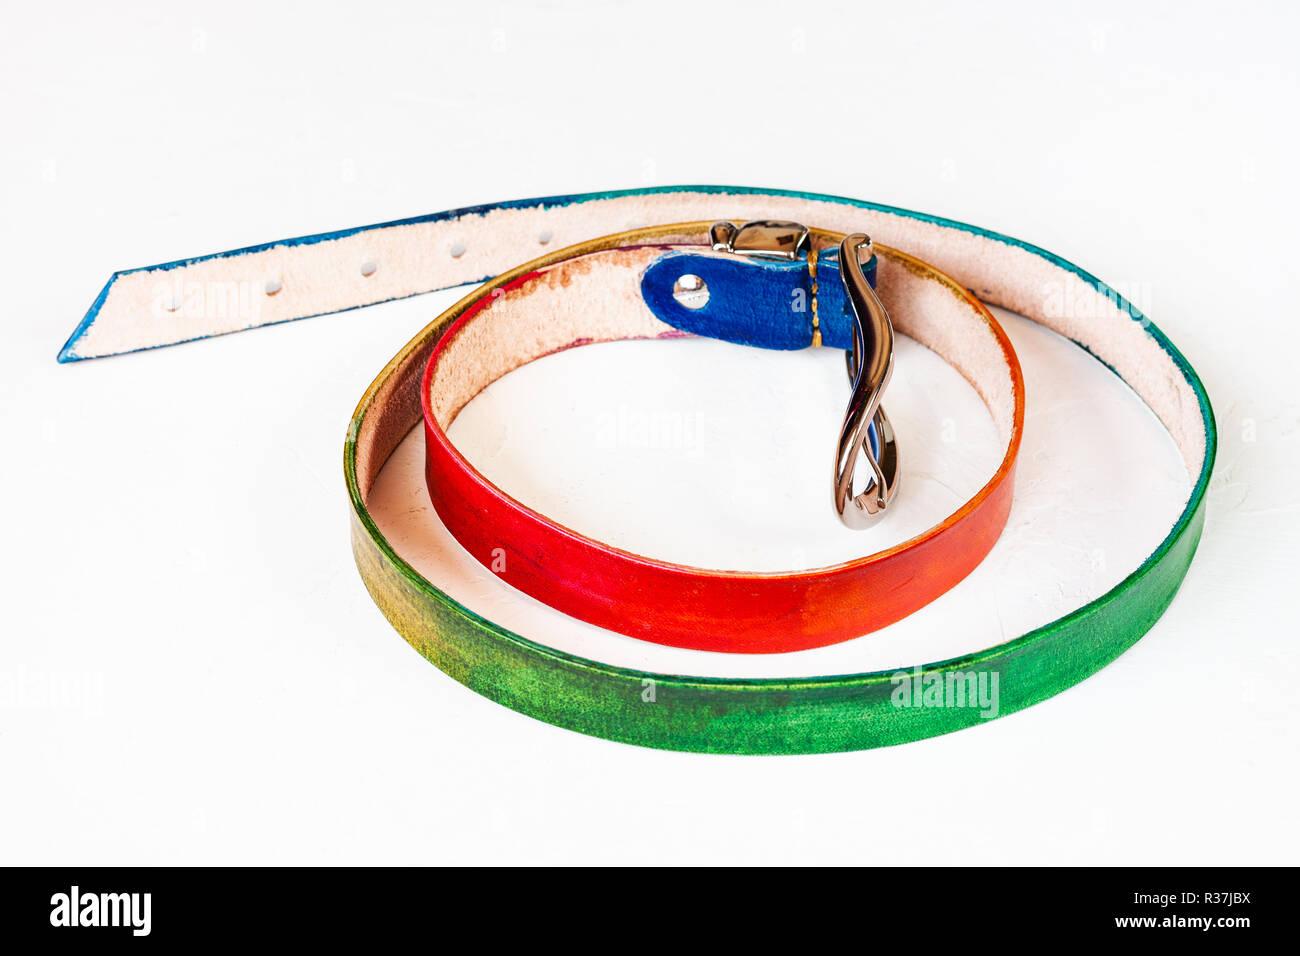 handmade rainbow coloured leather belt on white background - Stock Image